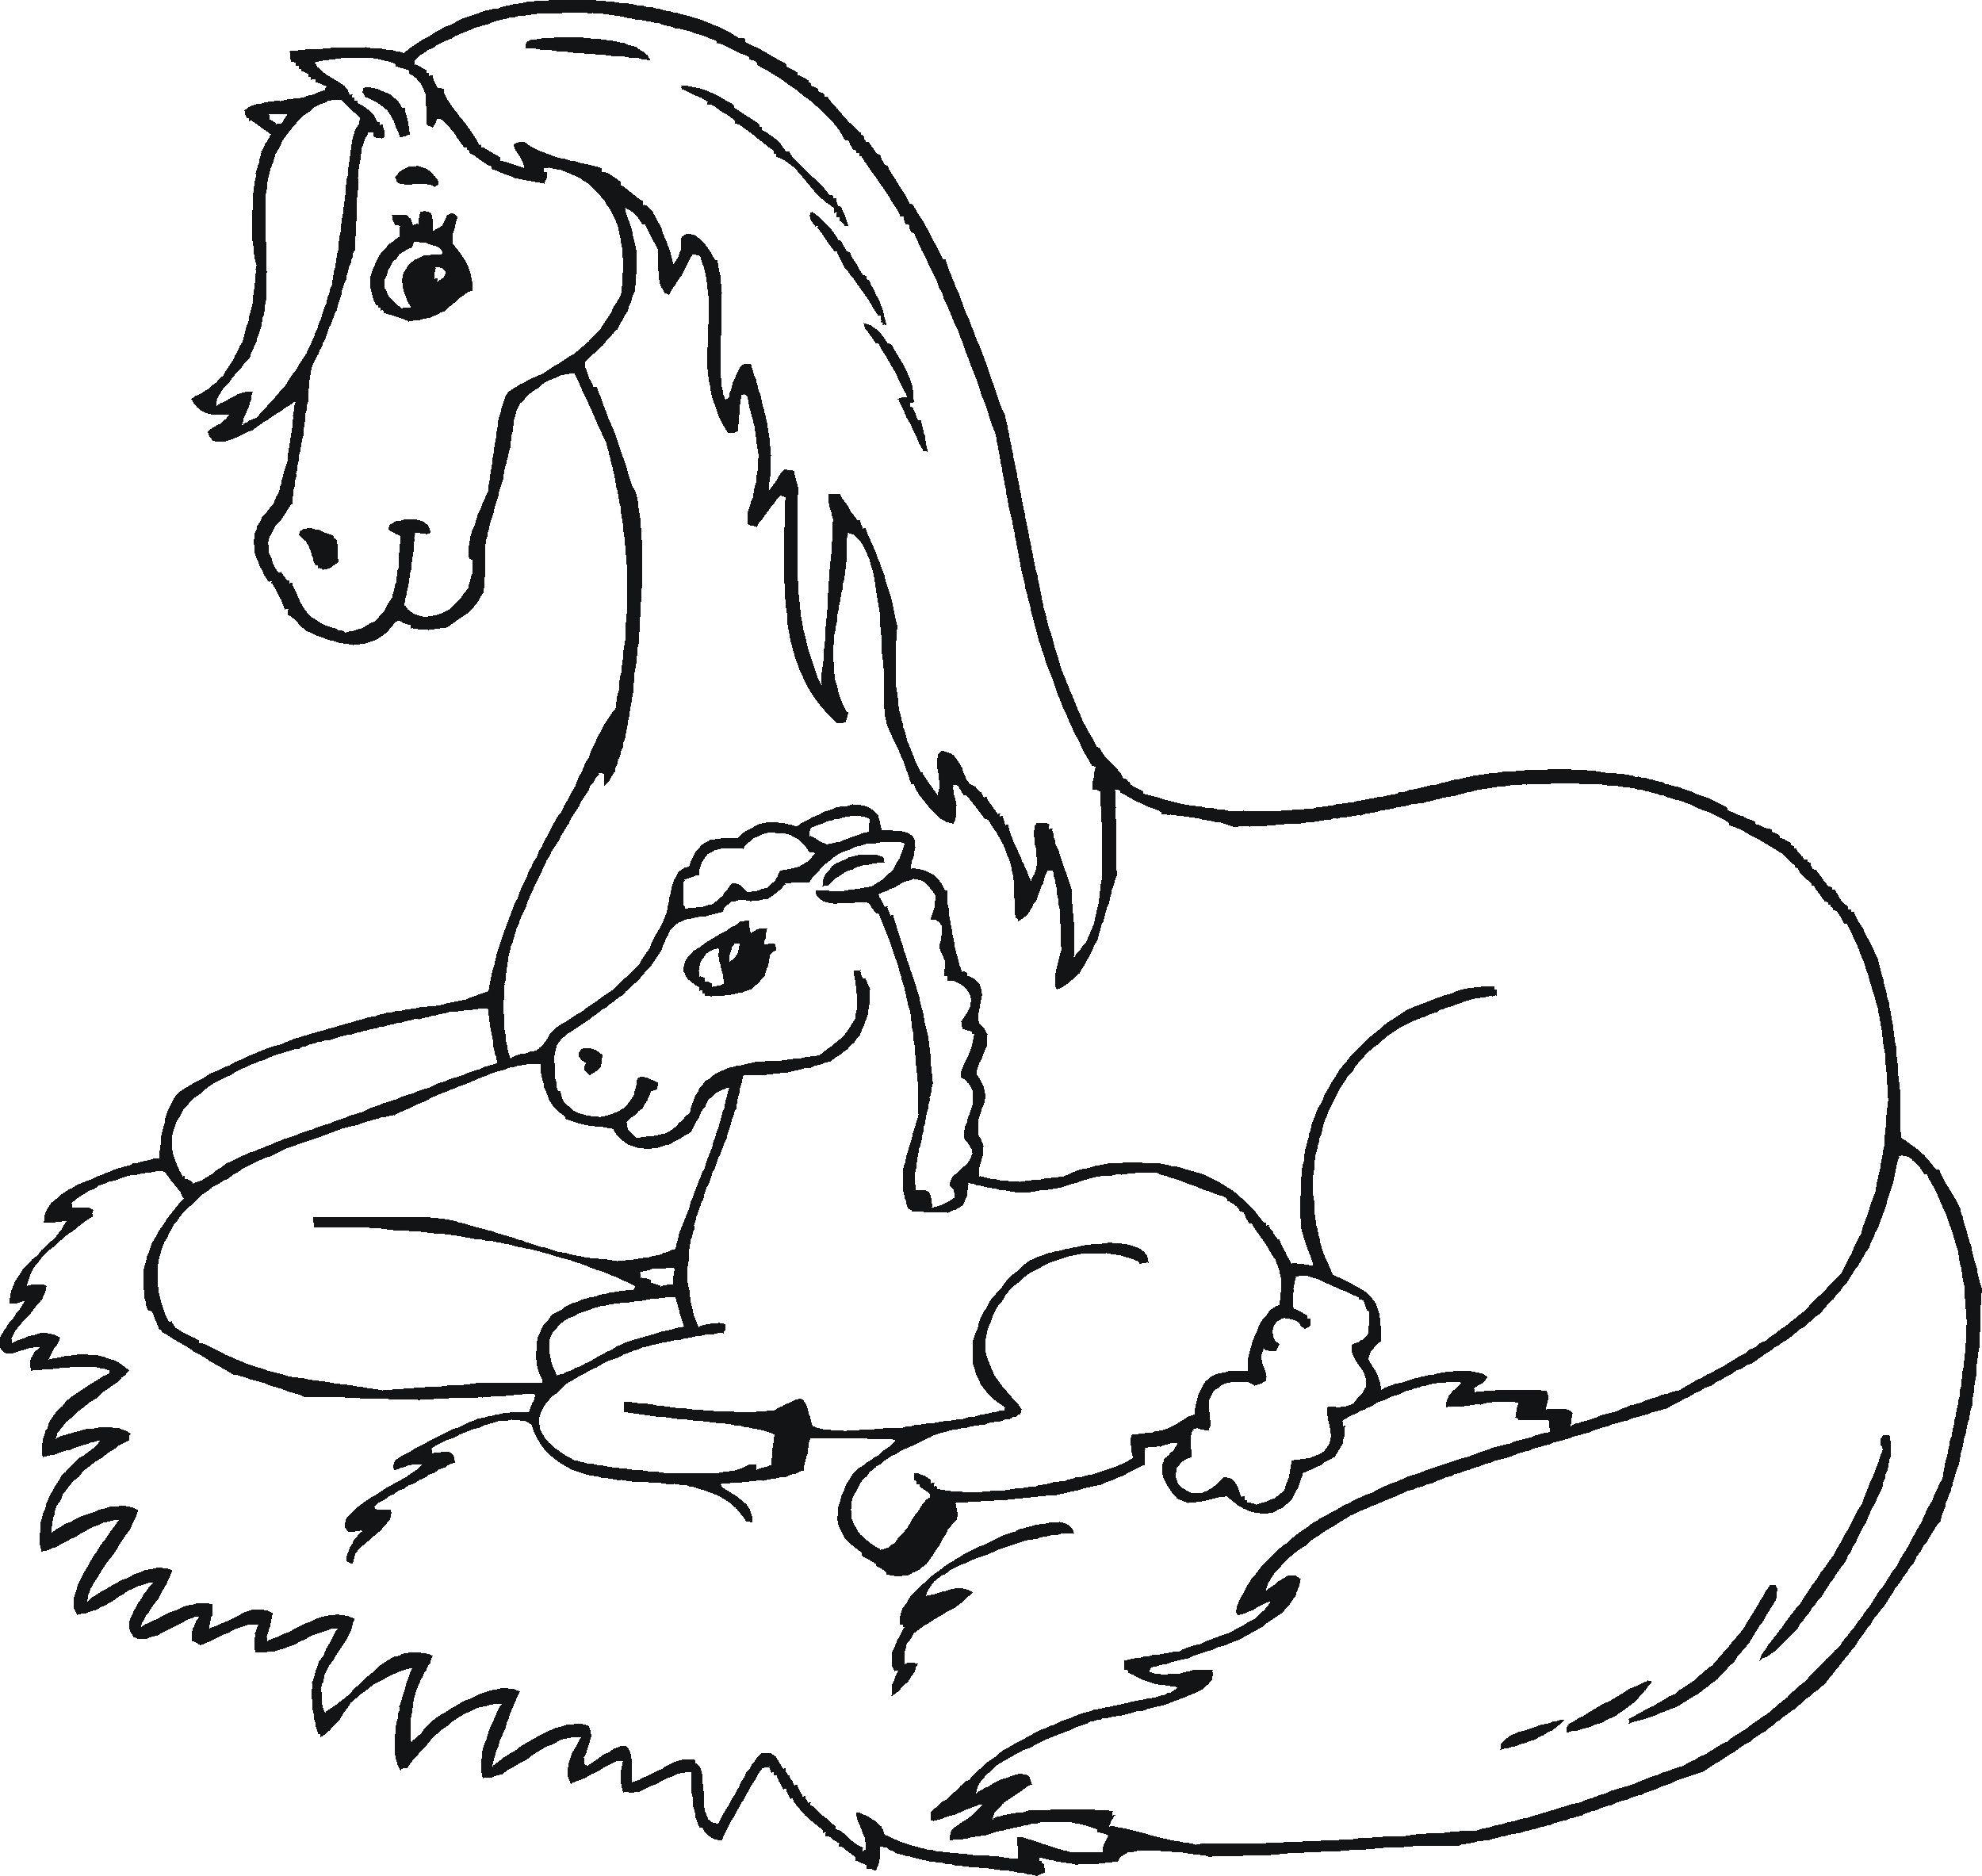 malvorlagen pferde springen  aiquruguay